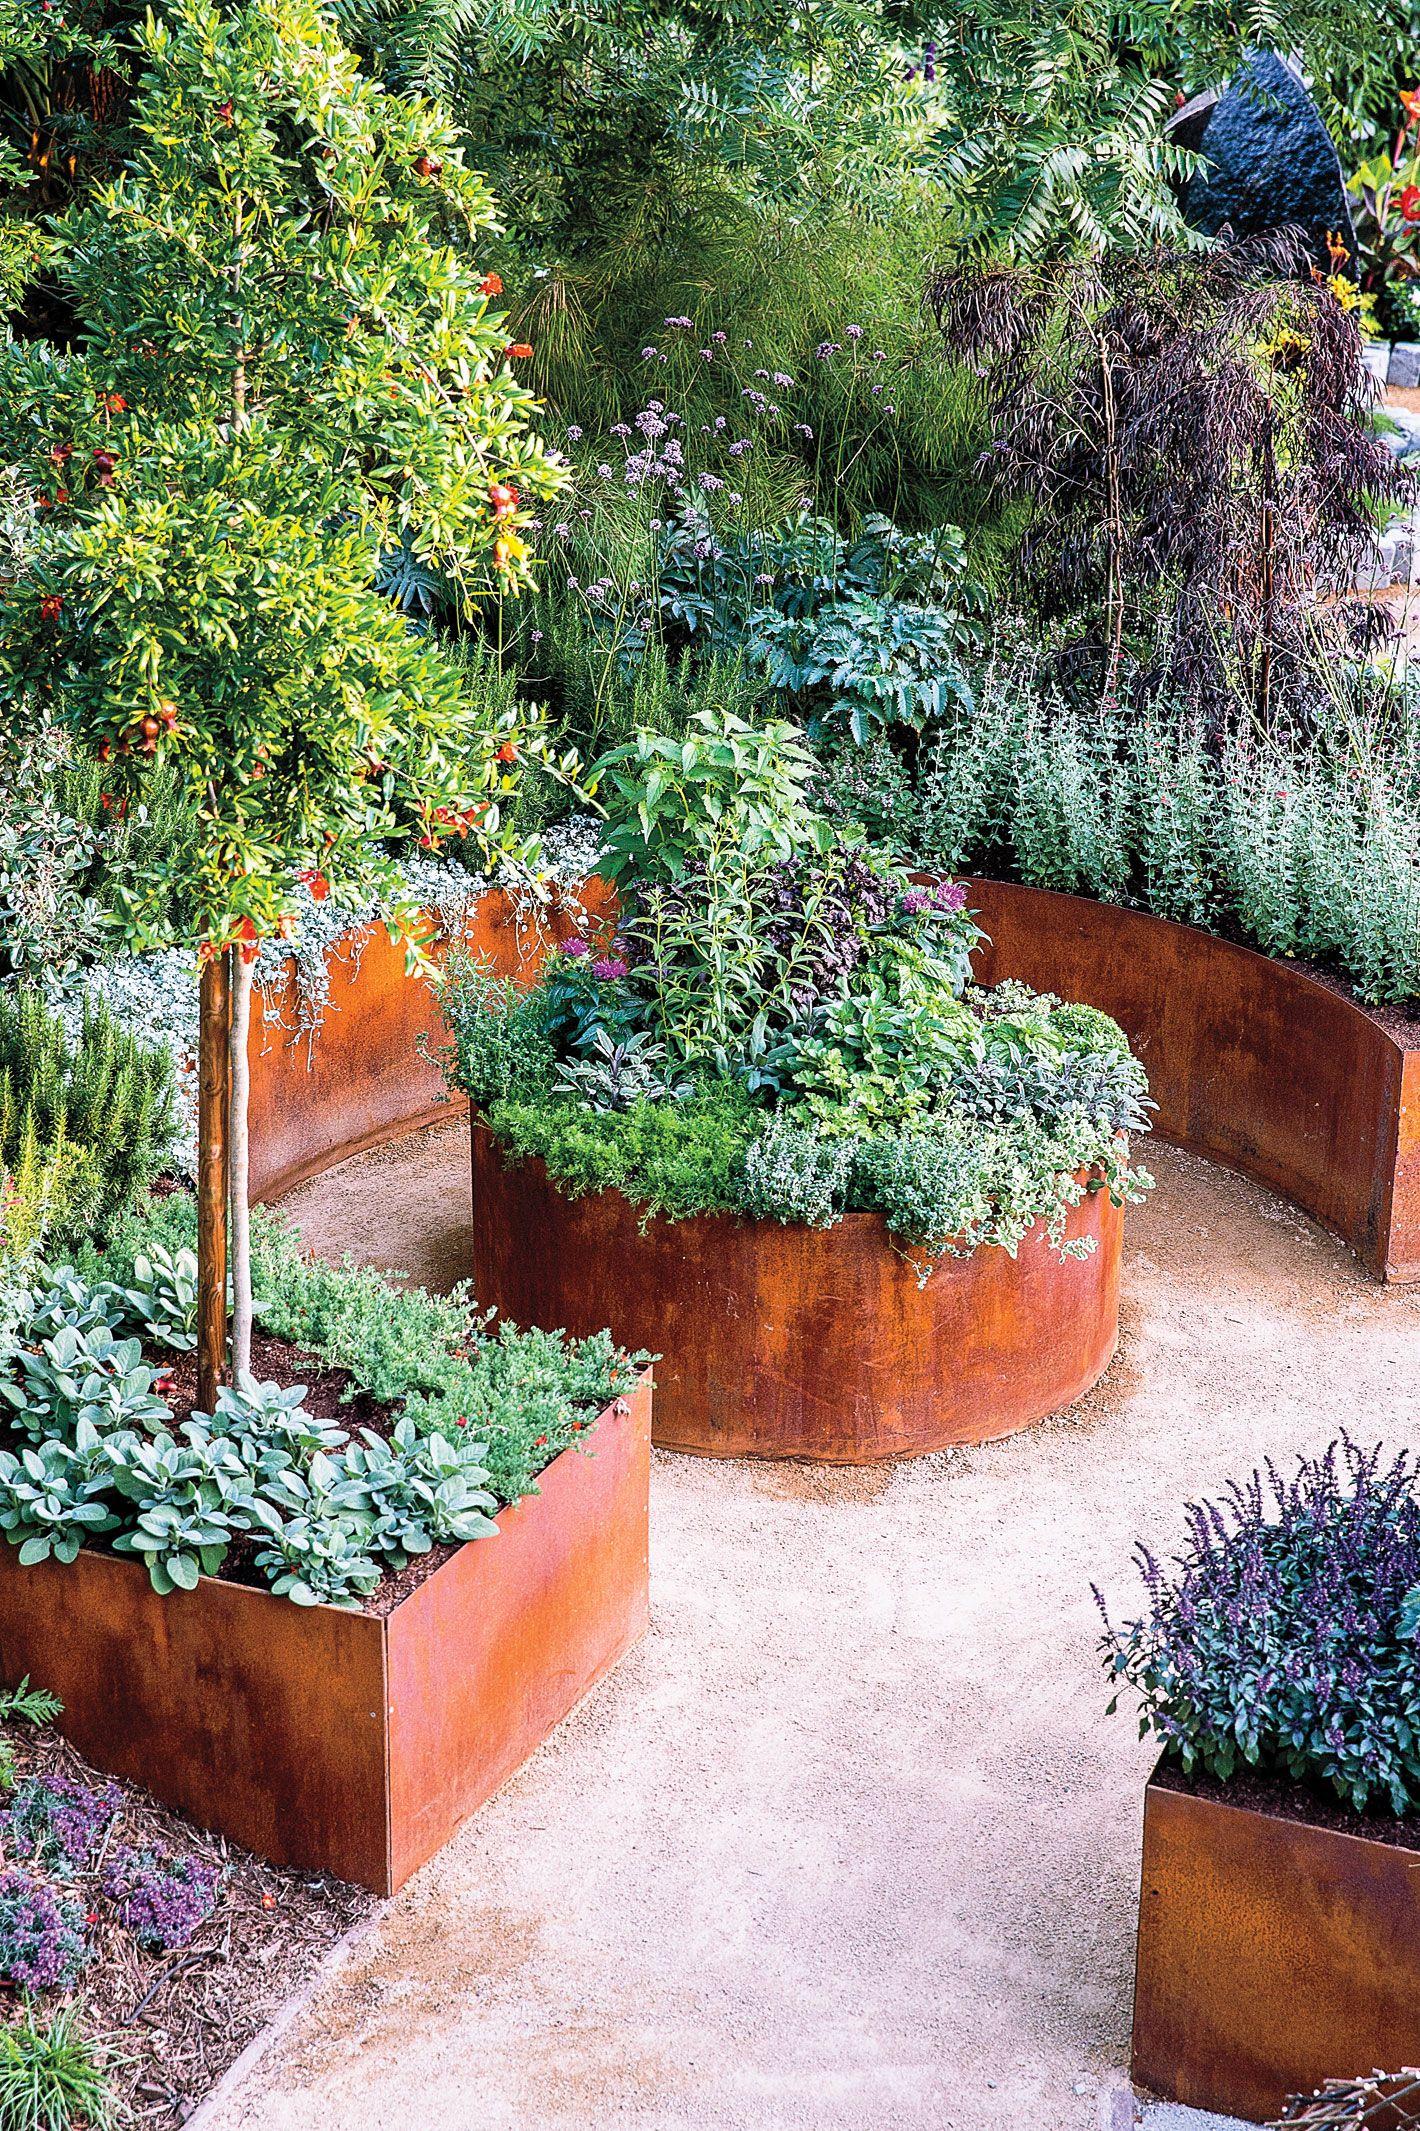 10 Edible Garden Ideas Simphome Garden Layout Vegetable Vegetable Garden Layout Design Garden Planning Backyard vegetable garden ideas philippines